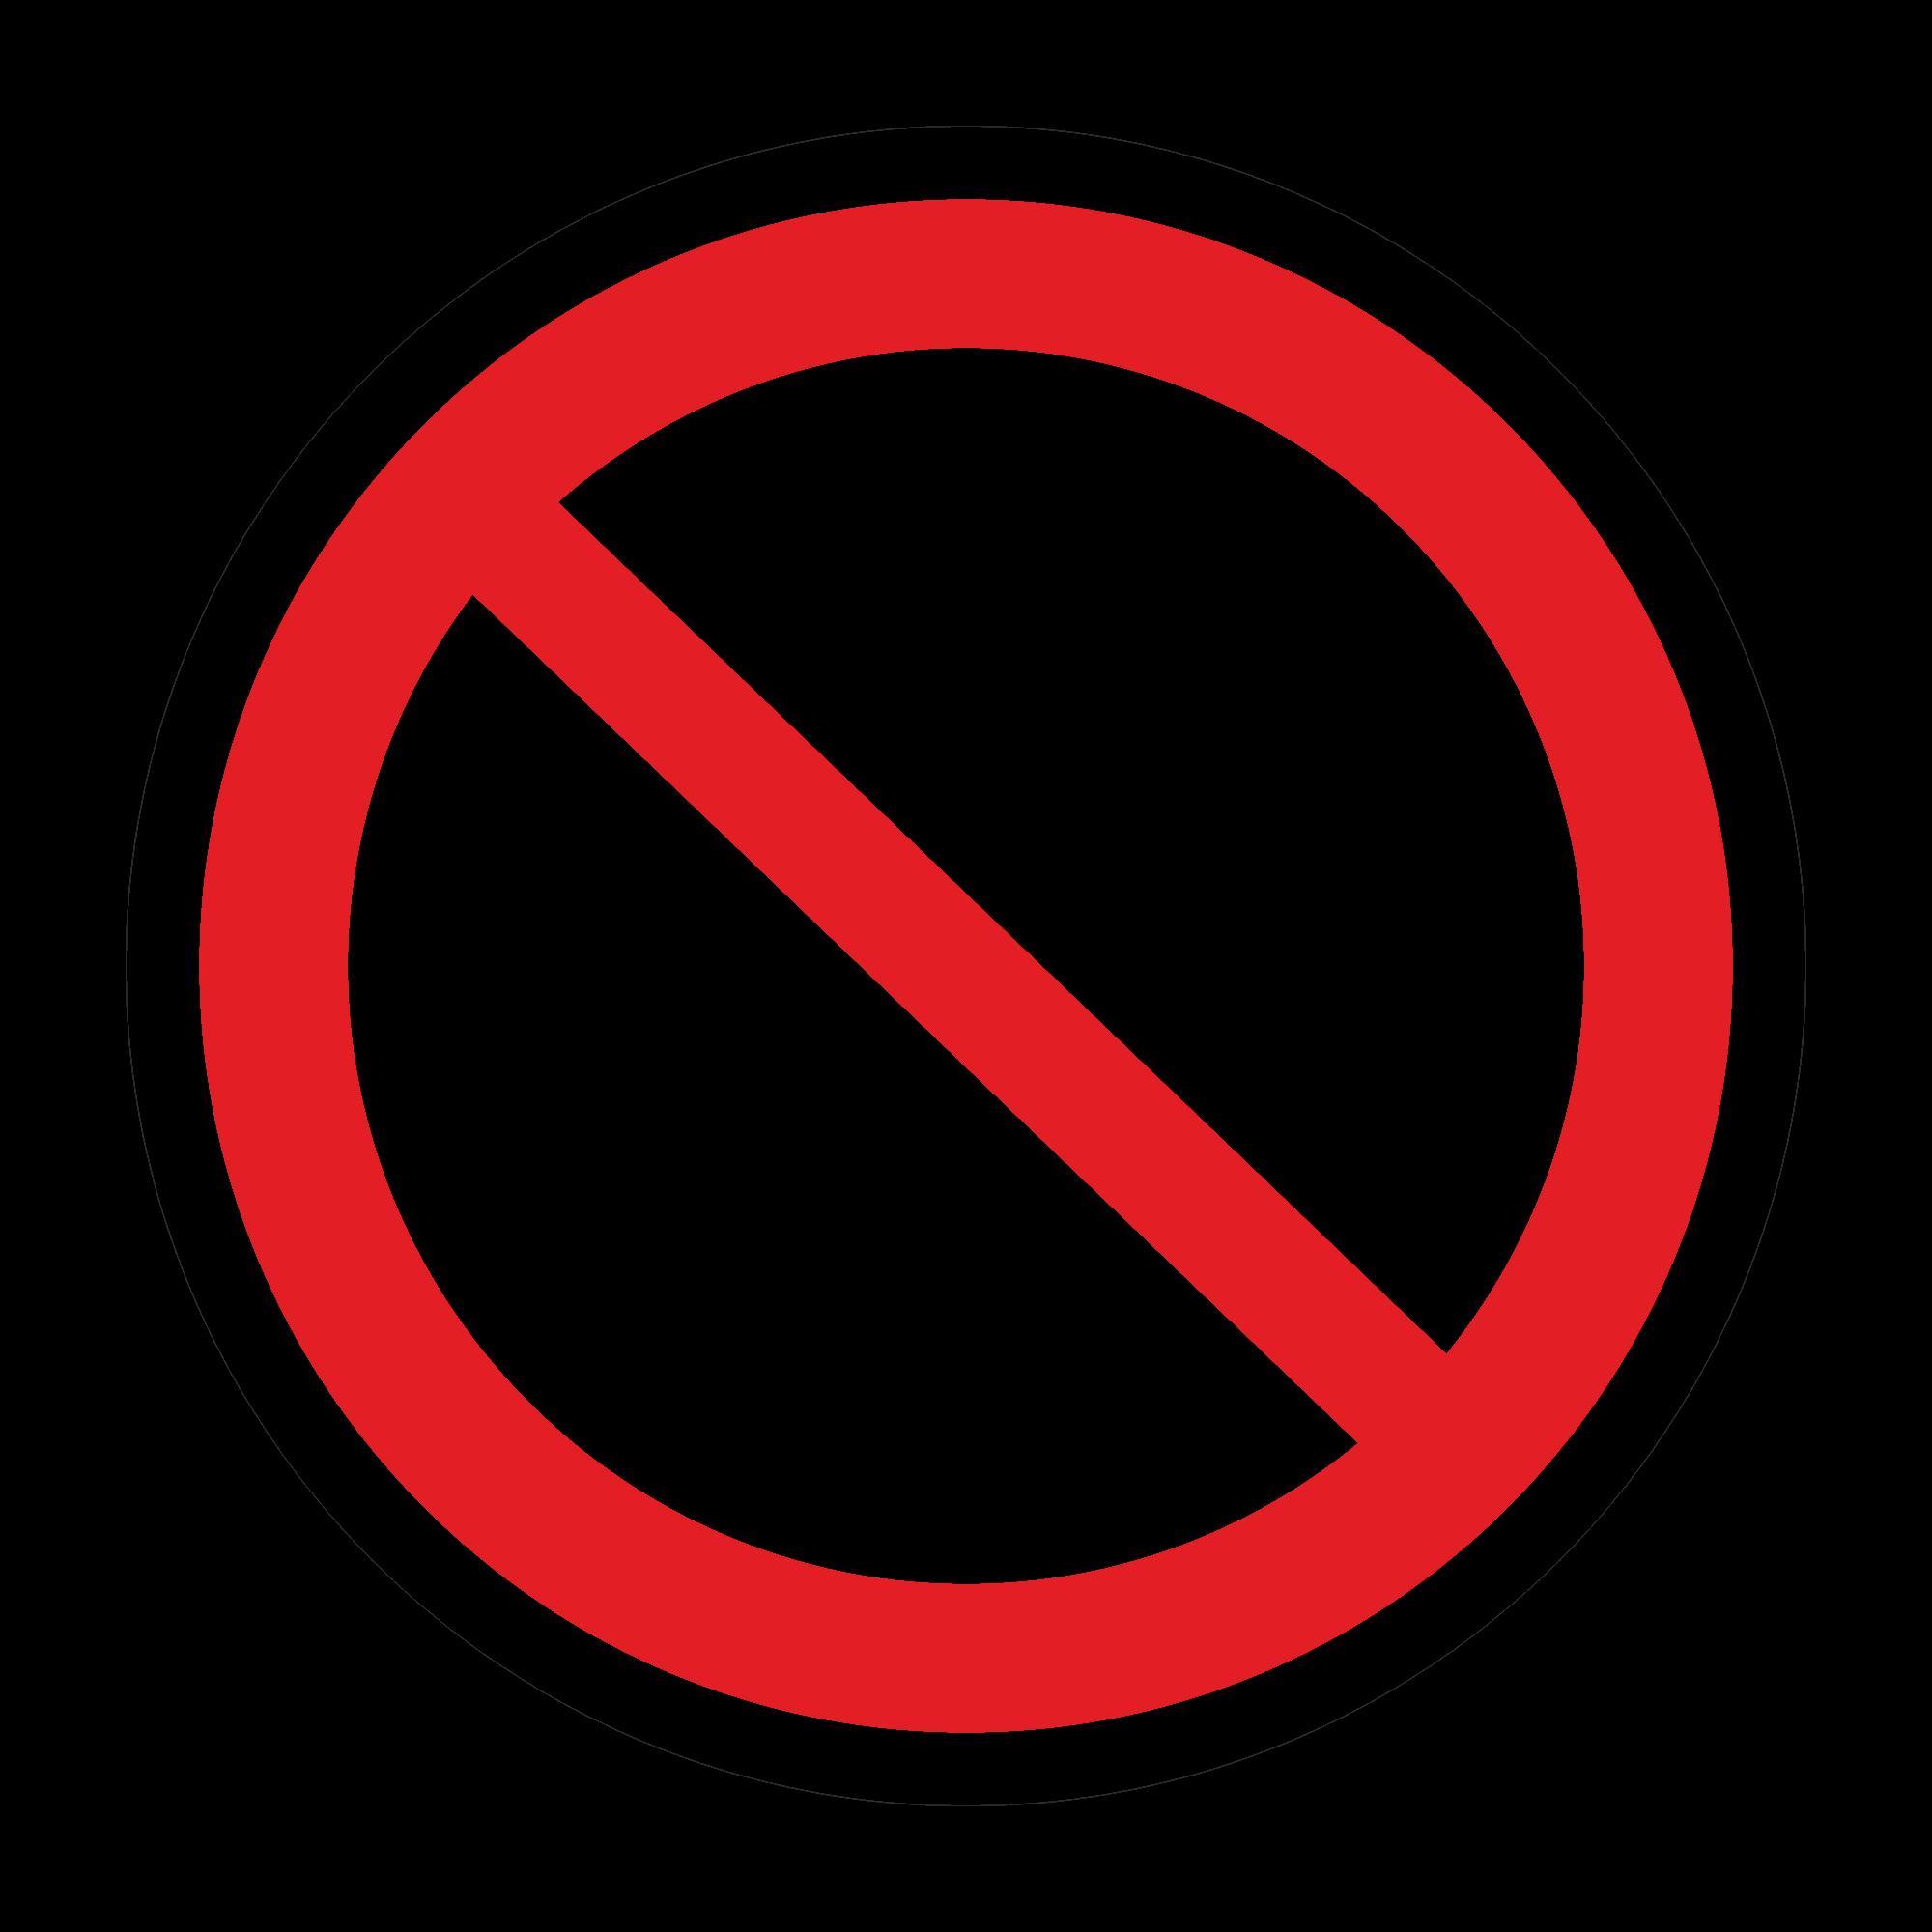 Р21 Запрещение (прочие опасности или опасные действия)